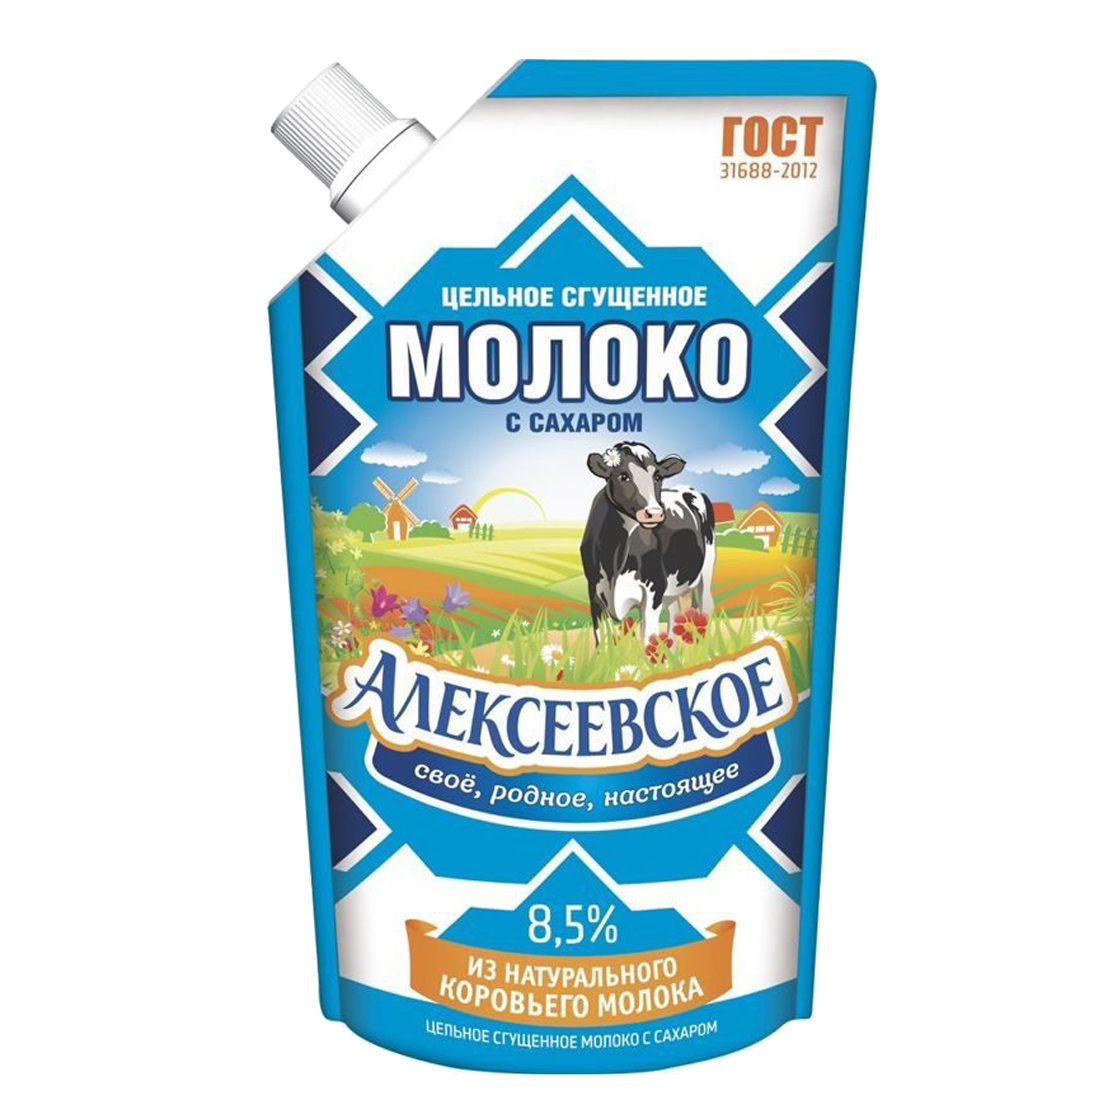 Молоко сгущенное Алексеевское 8,5% 270 г алексеевское бзмж молоко сгущенное с сахаром алексеевское